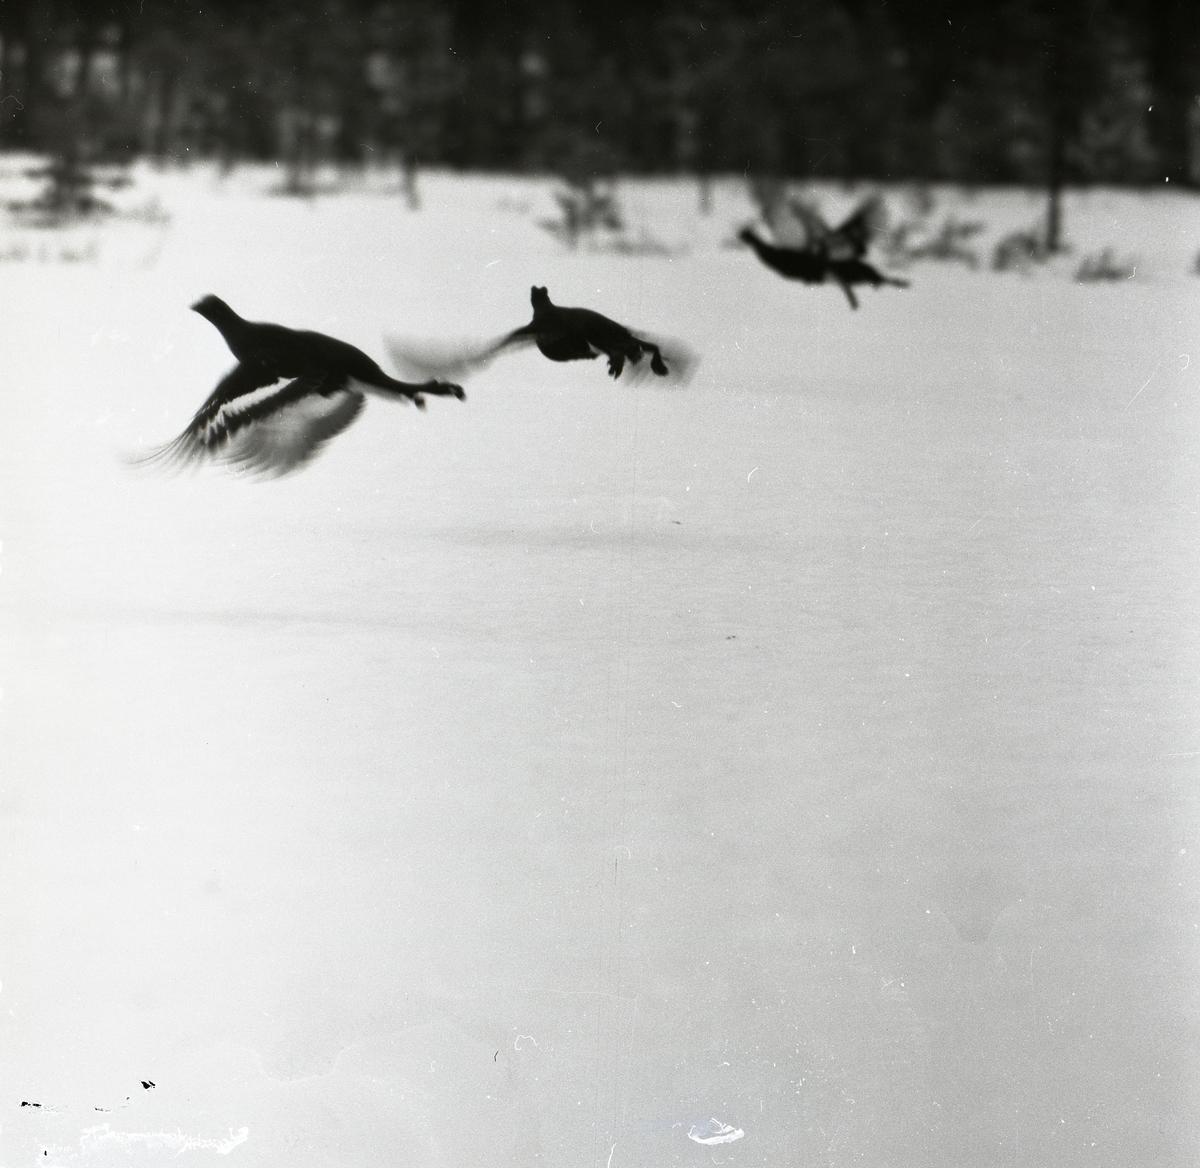 Tre flygande orrar intill skogsbrynet, april 1955.